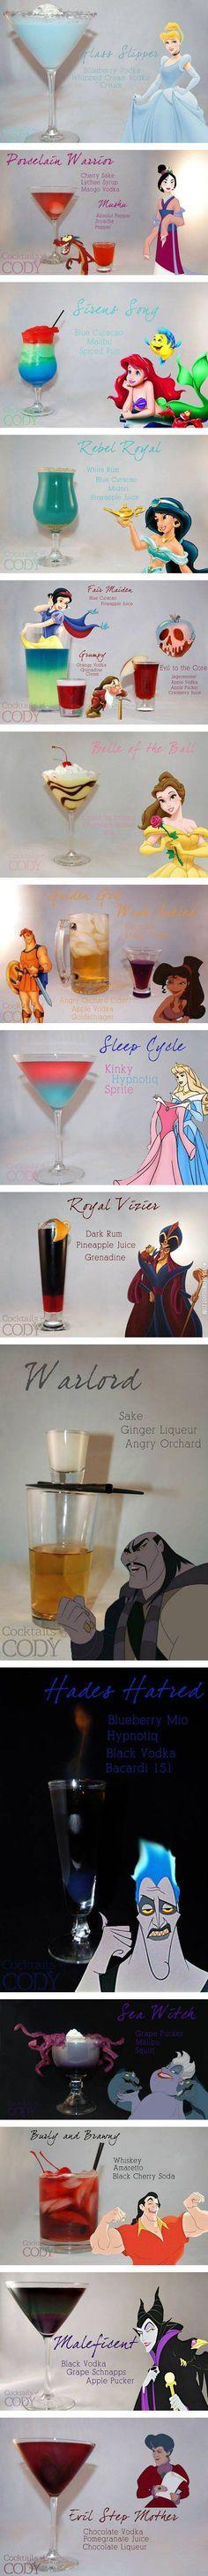 Disney princess cocktails.